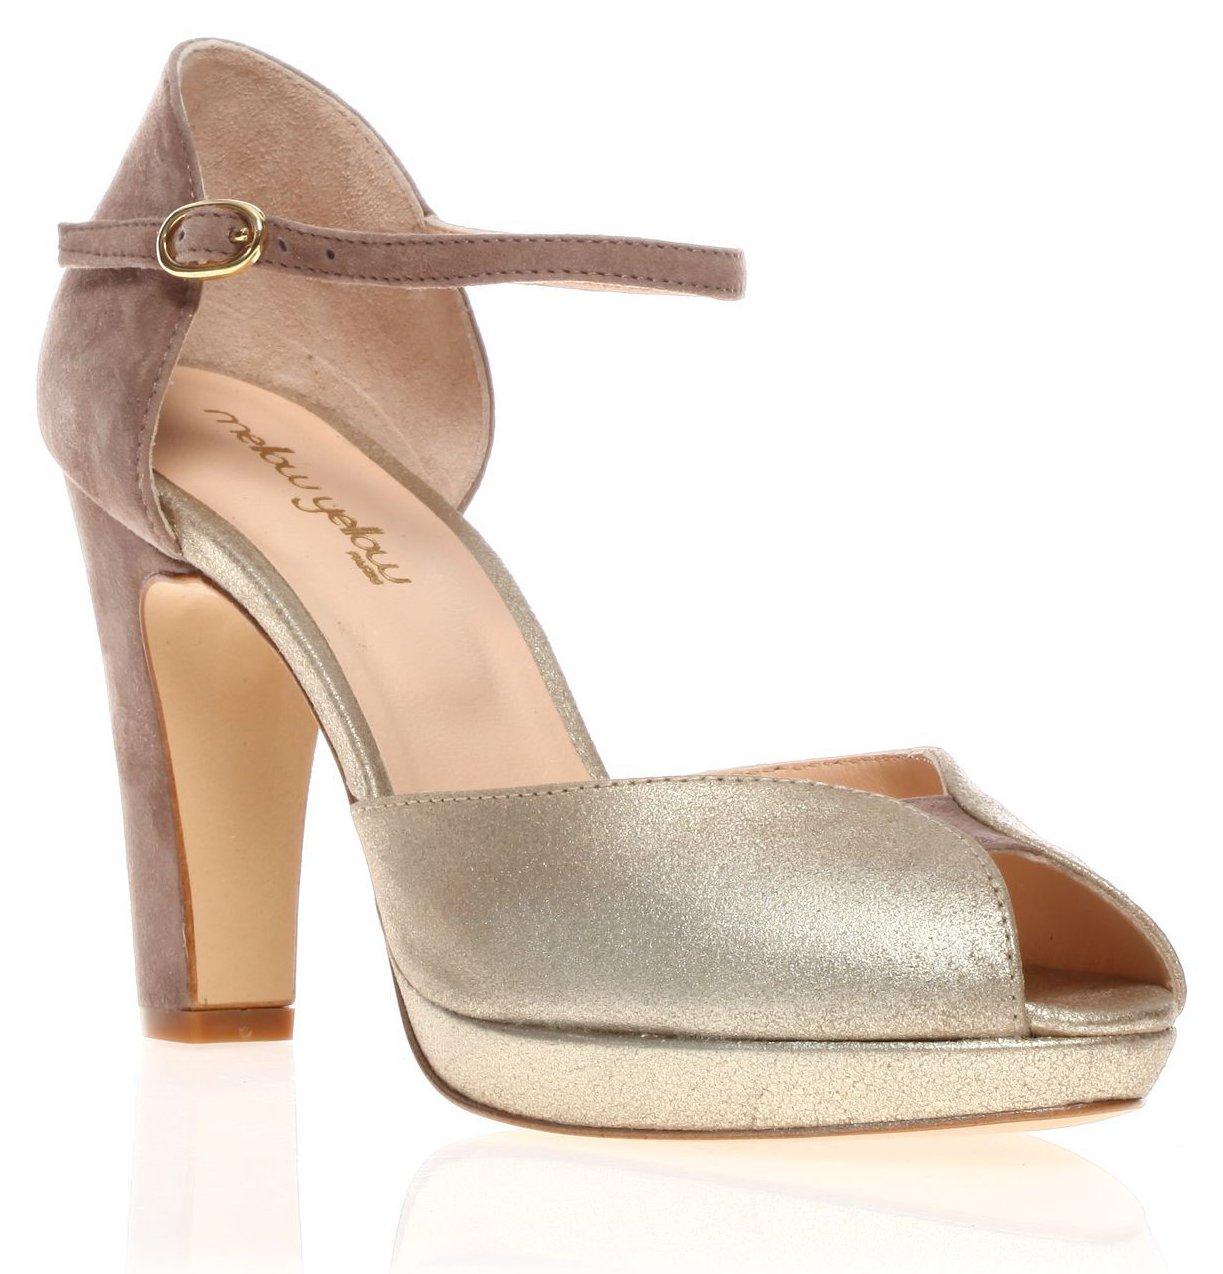 Chaussures à talon : il ne faut pas les porter tous les jours